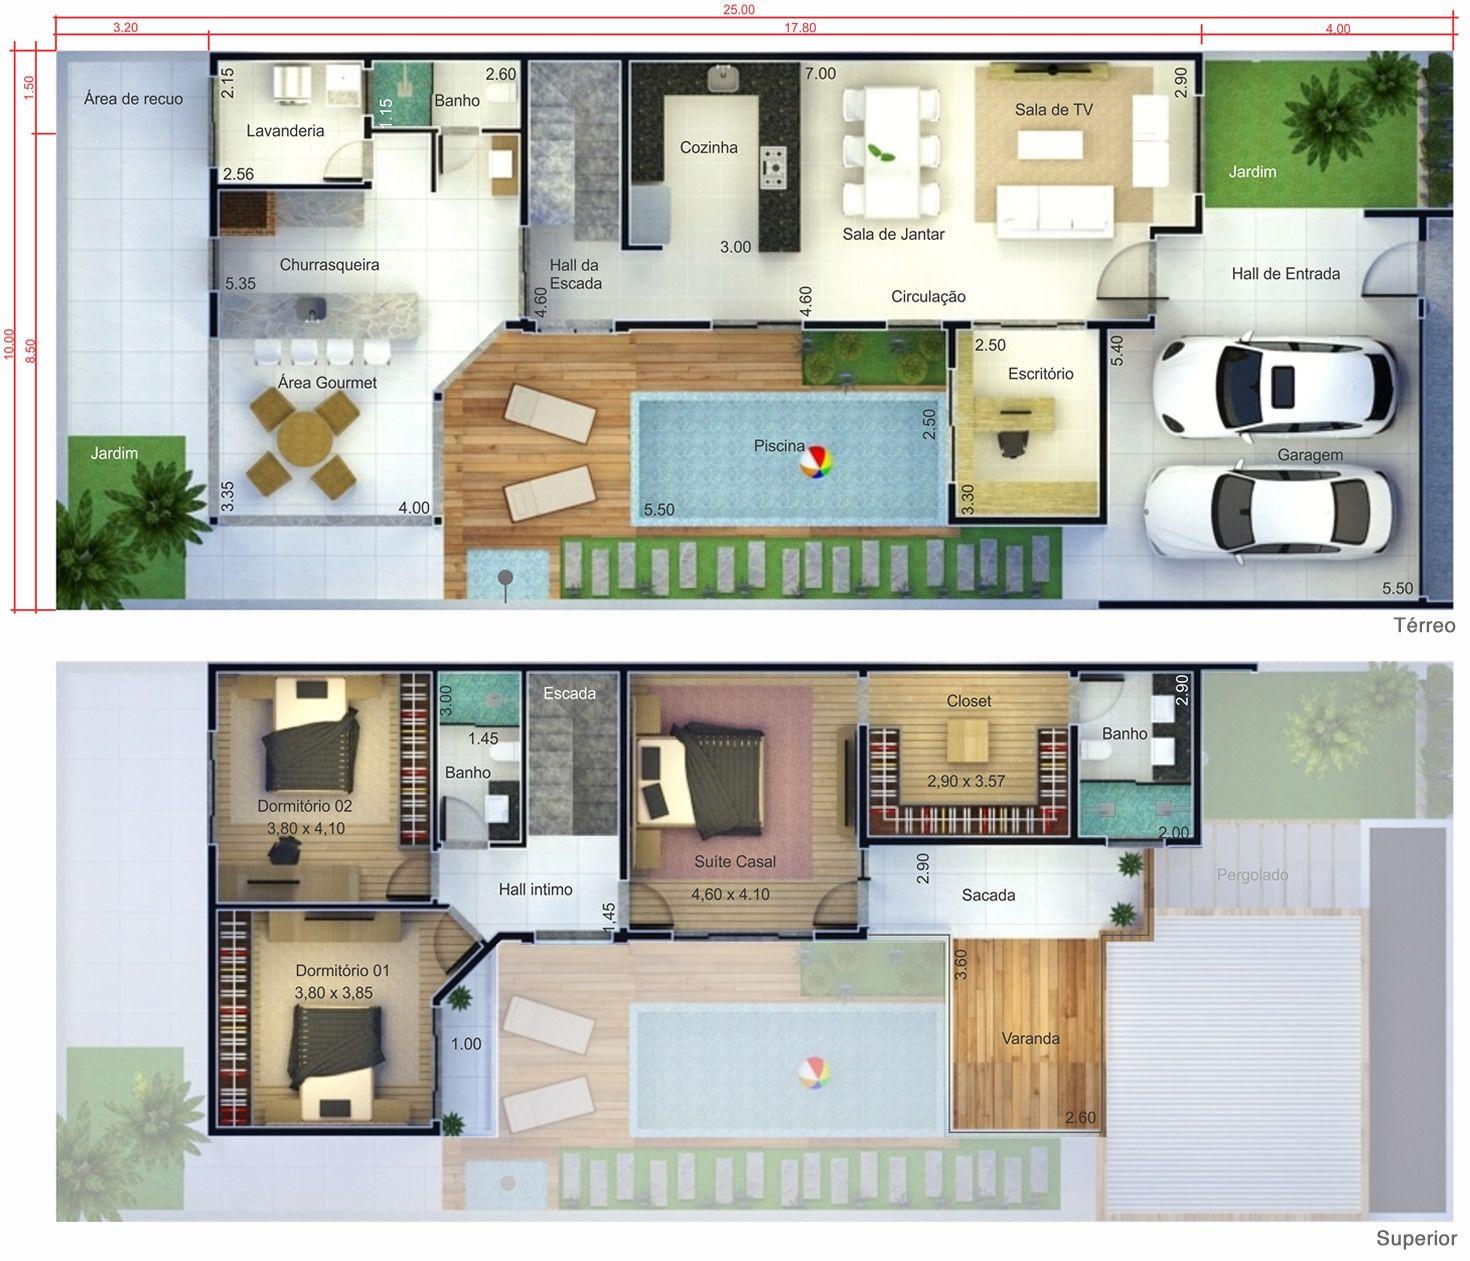 Projeto de sobrado com terra o planta para terreno 10x25 for Dream house plans 3d